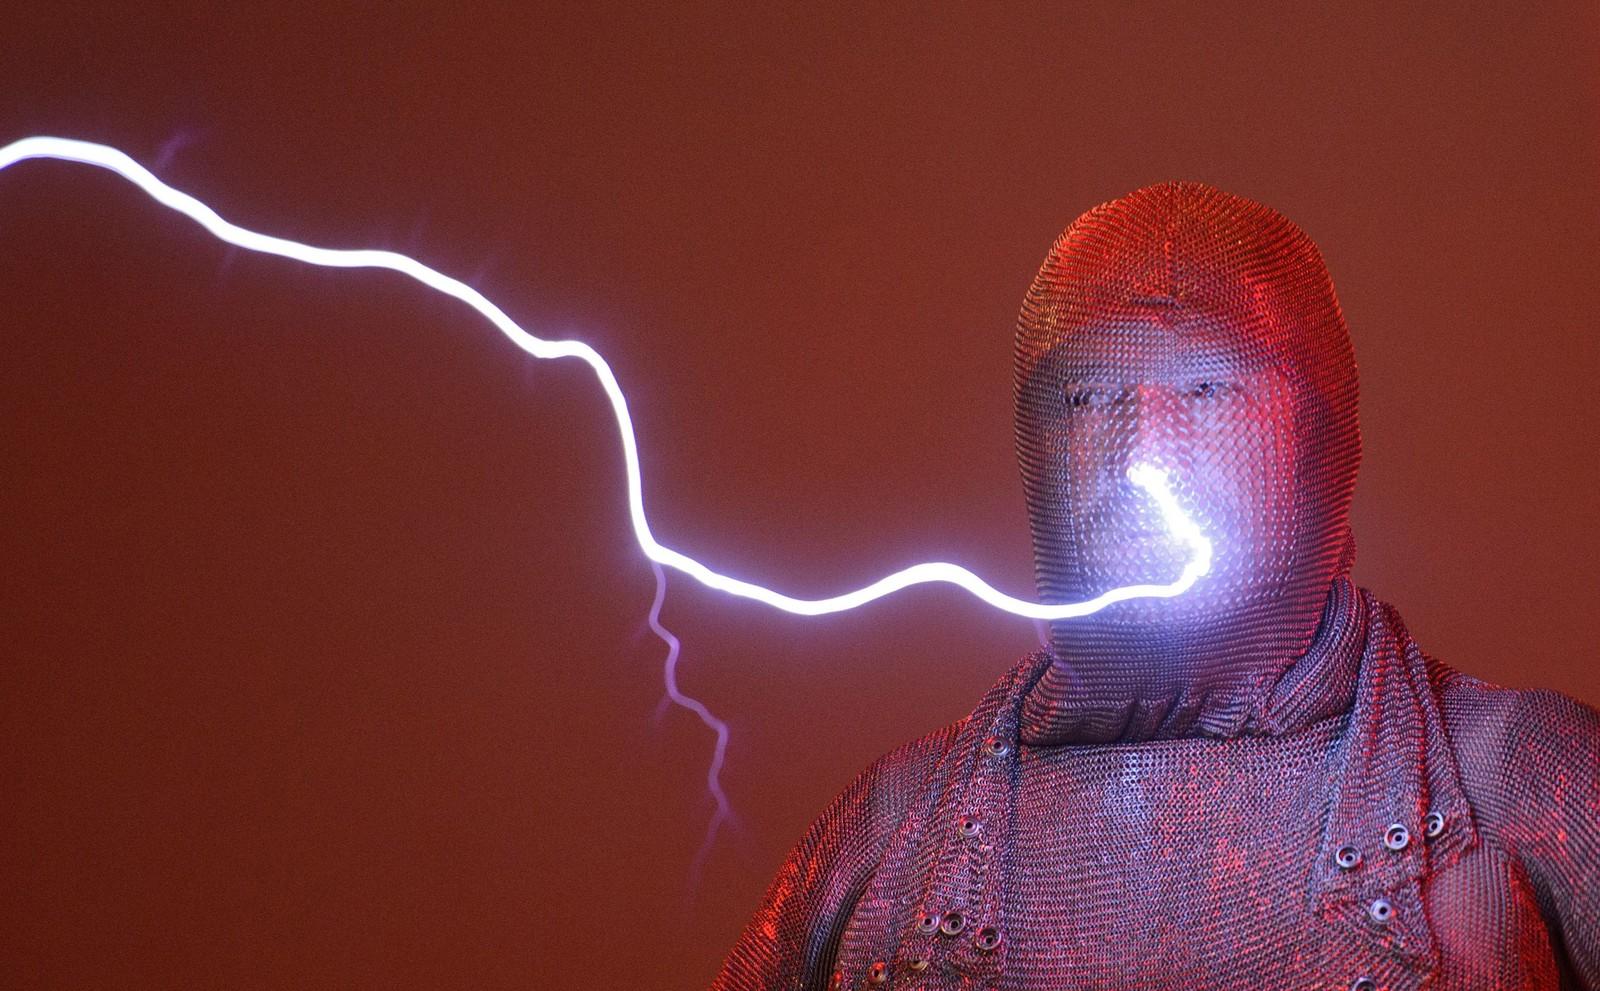 Conrad Keuck blir truffet av lyn ved hjelp av en Tesla coil under et fysikkshow i Wolfsburg, Tyskland denne uka. En Tesla coil er en oppfinnelse gjort av Nikola Tesla i 1891. Og den kan, om den er stor nok, genere elektriske spenninger på millioner av volt.